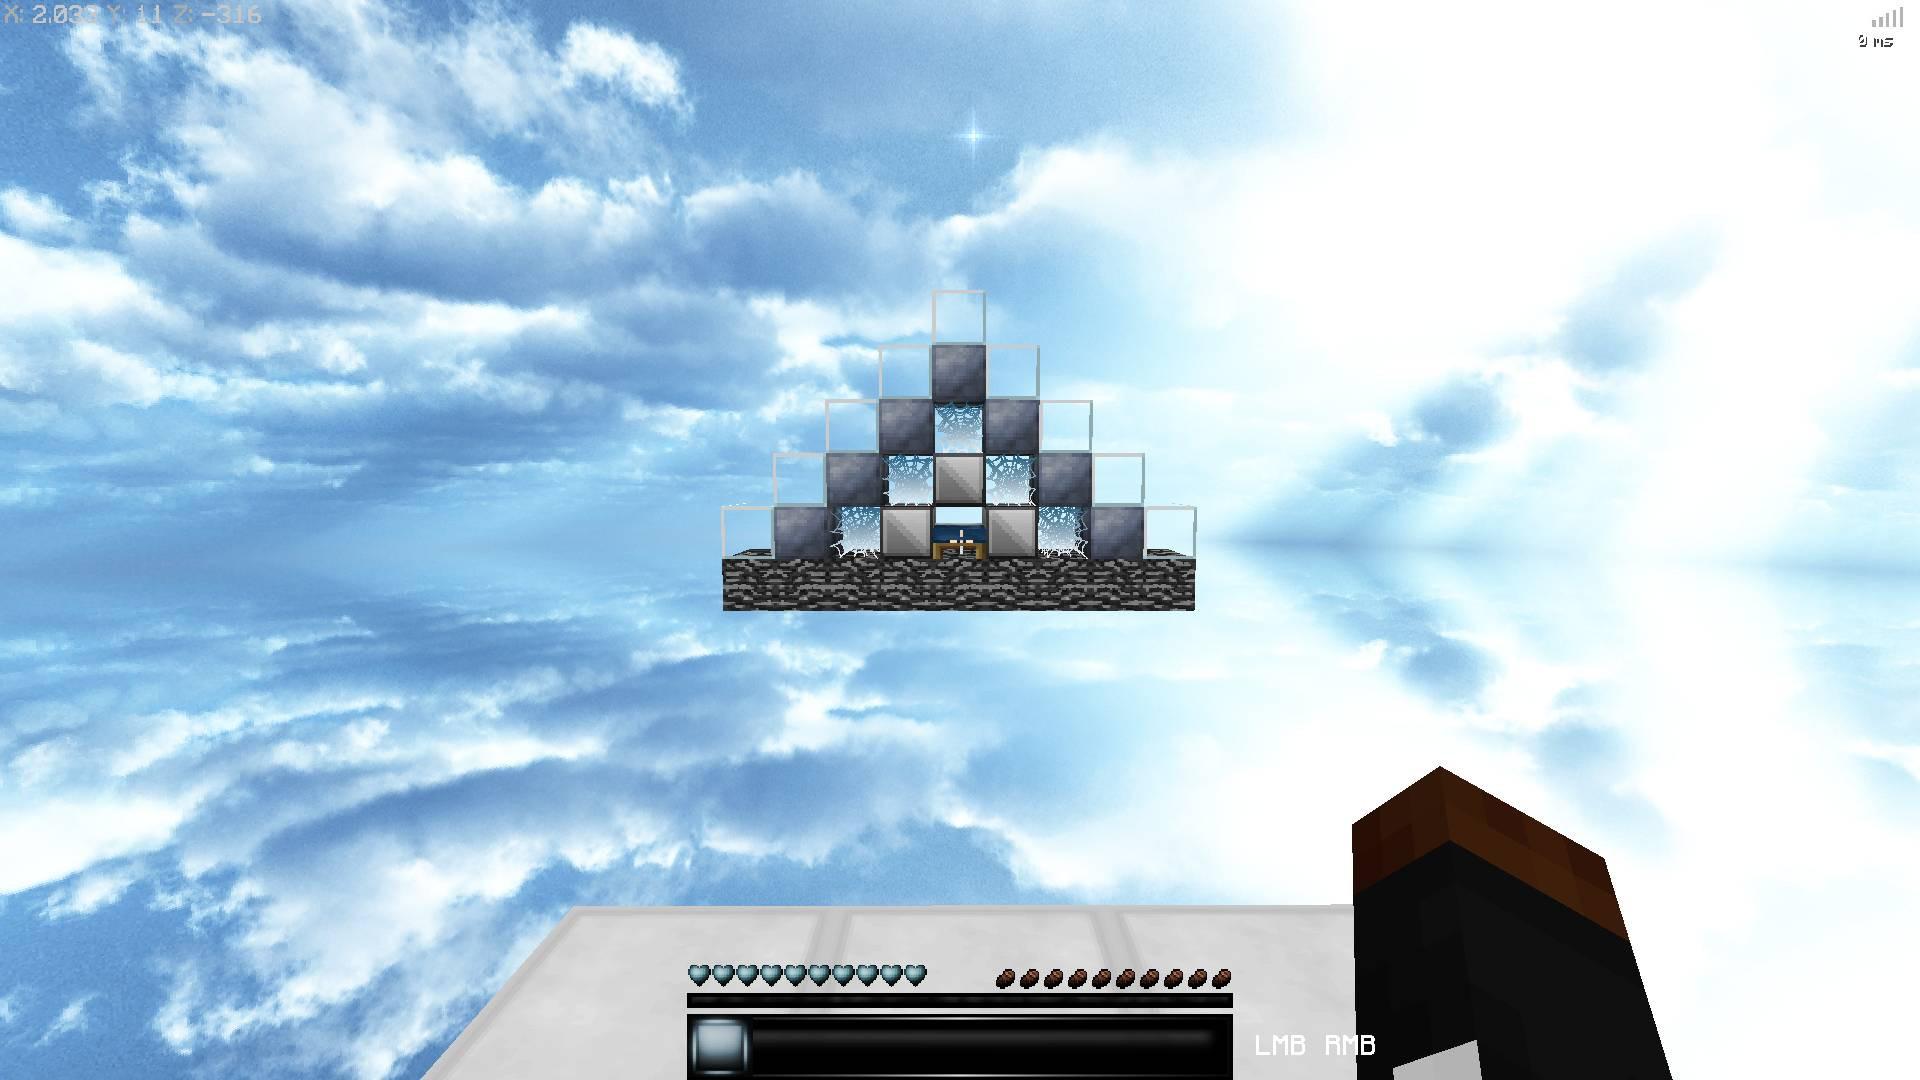 IceBlue [256x]